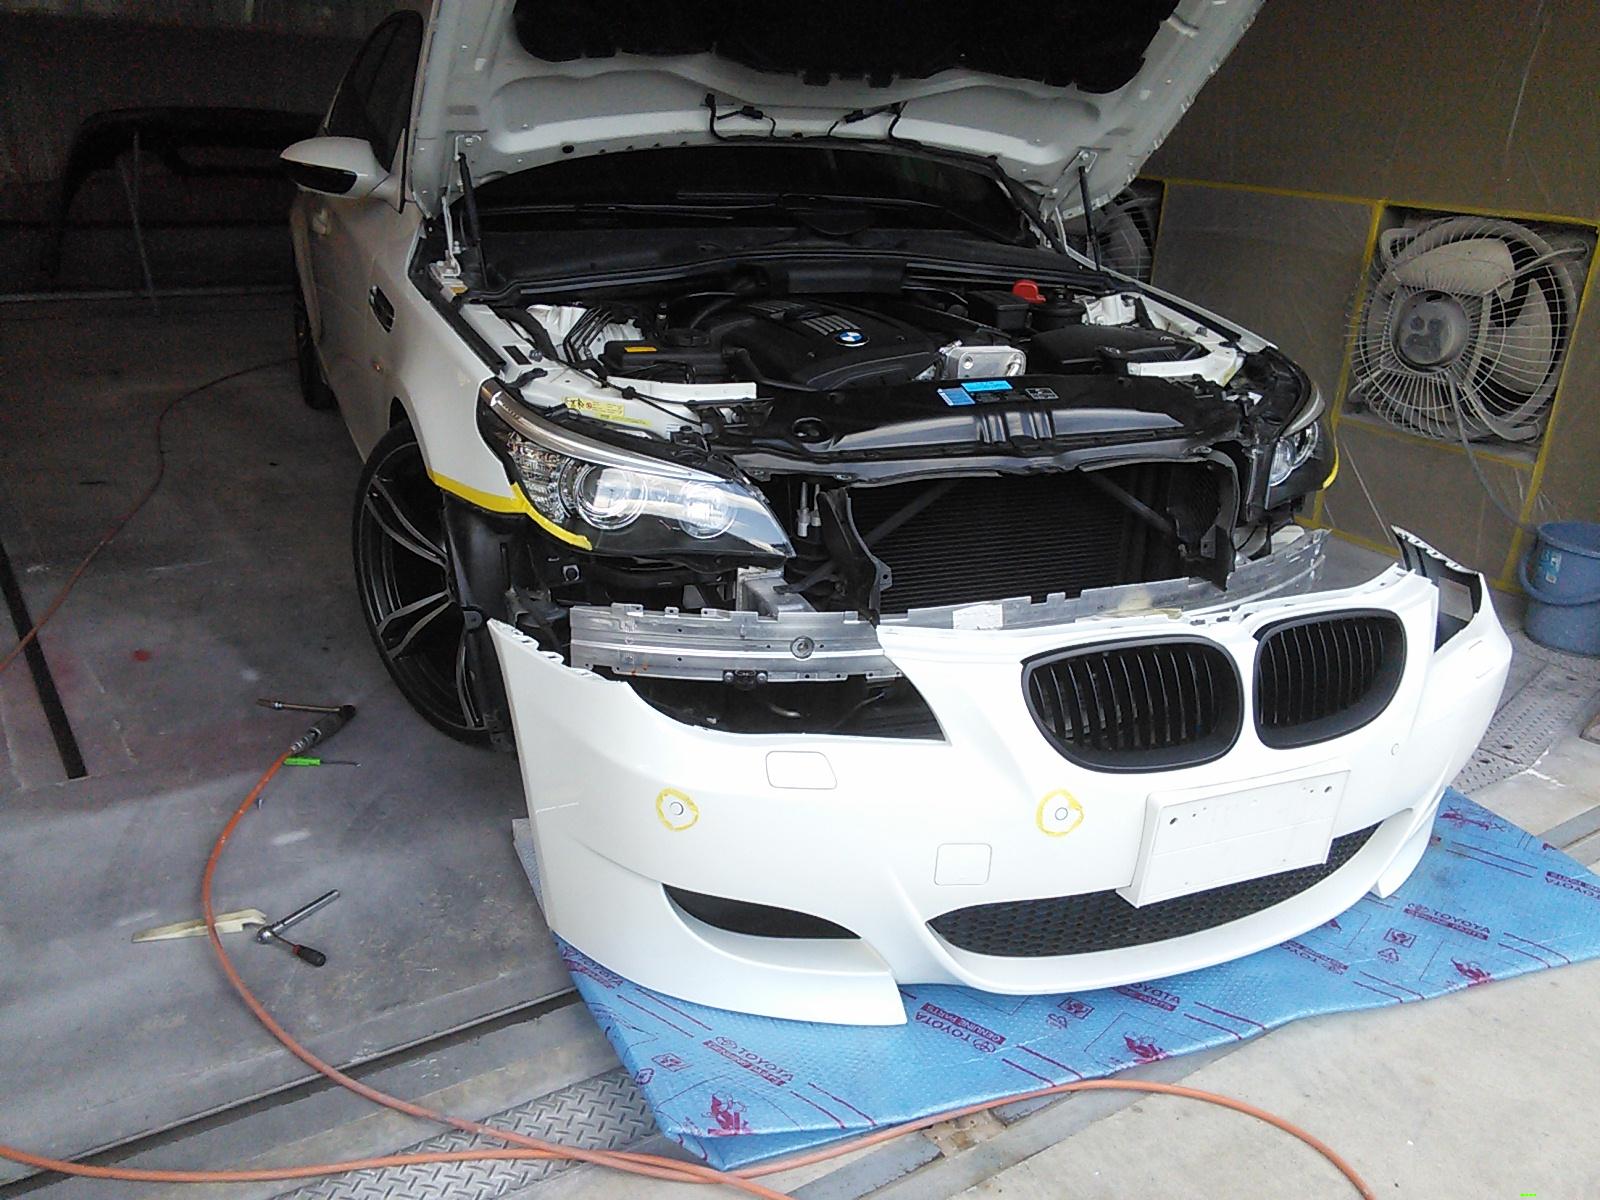 BMW E60 フロントバンパー ソナー 穴埋め  豊田市 板金塗装